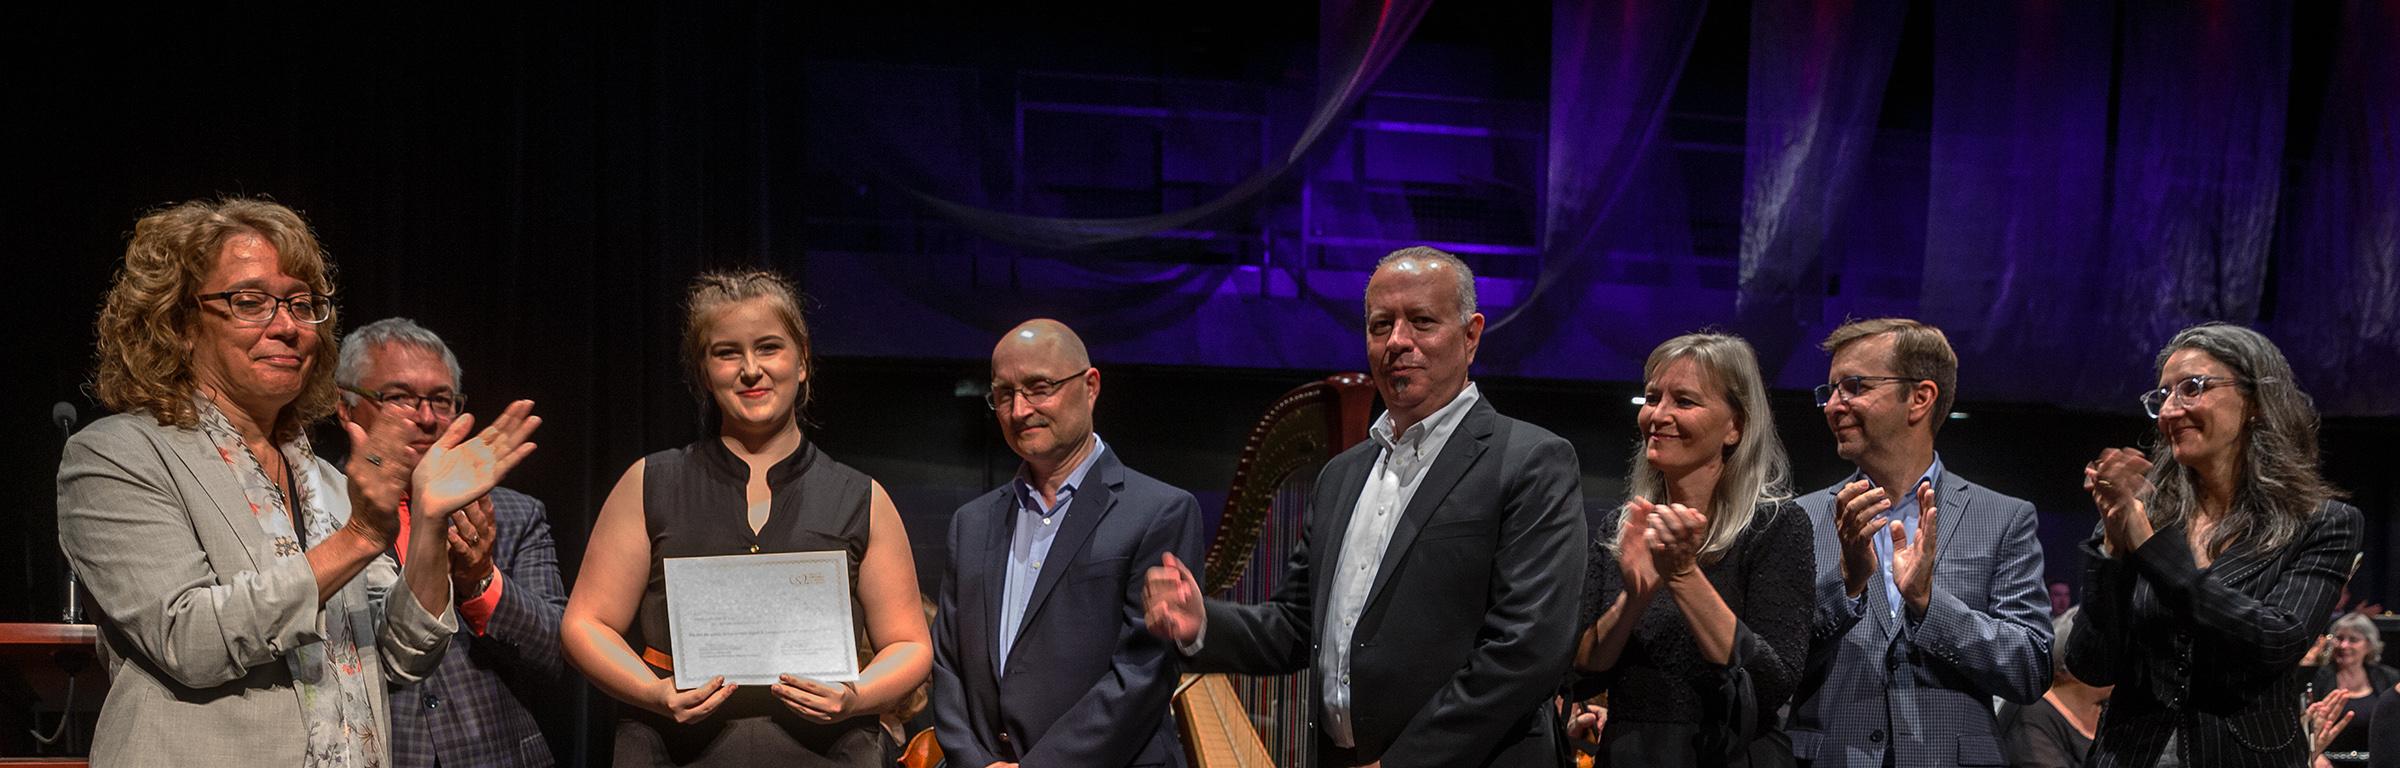 La jeune violoniste Cassandra Charron reçoit une bourse d'une valeur de 5000 $